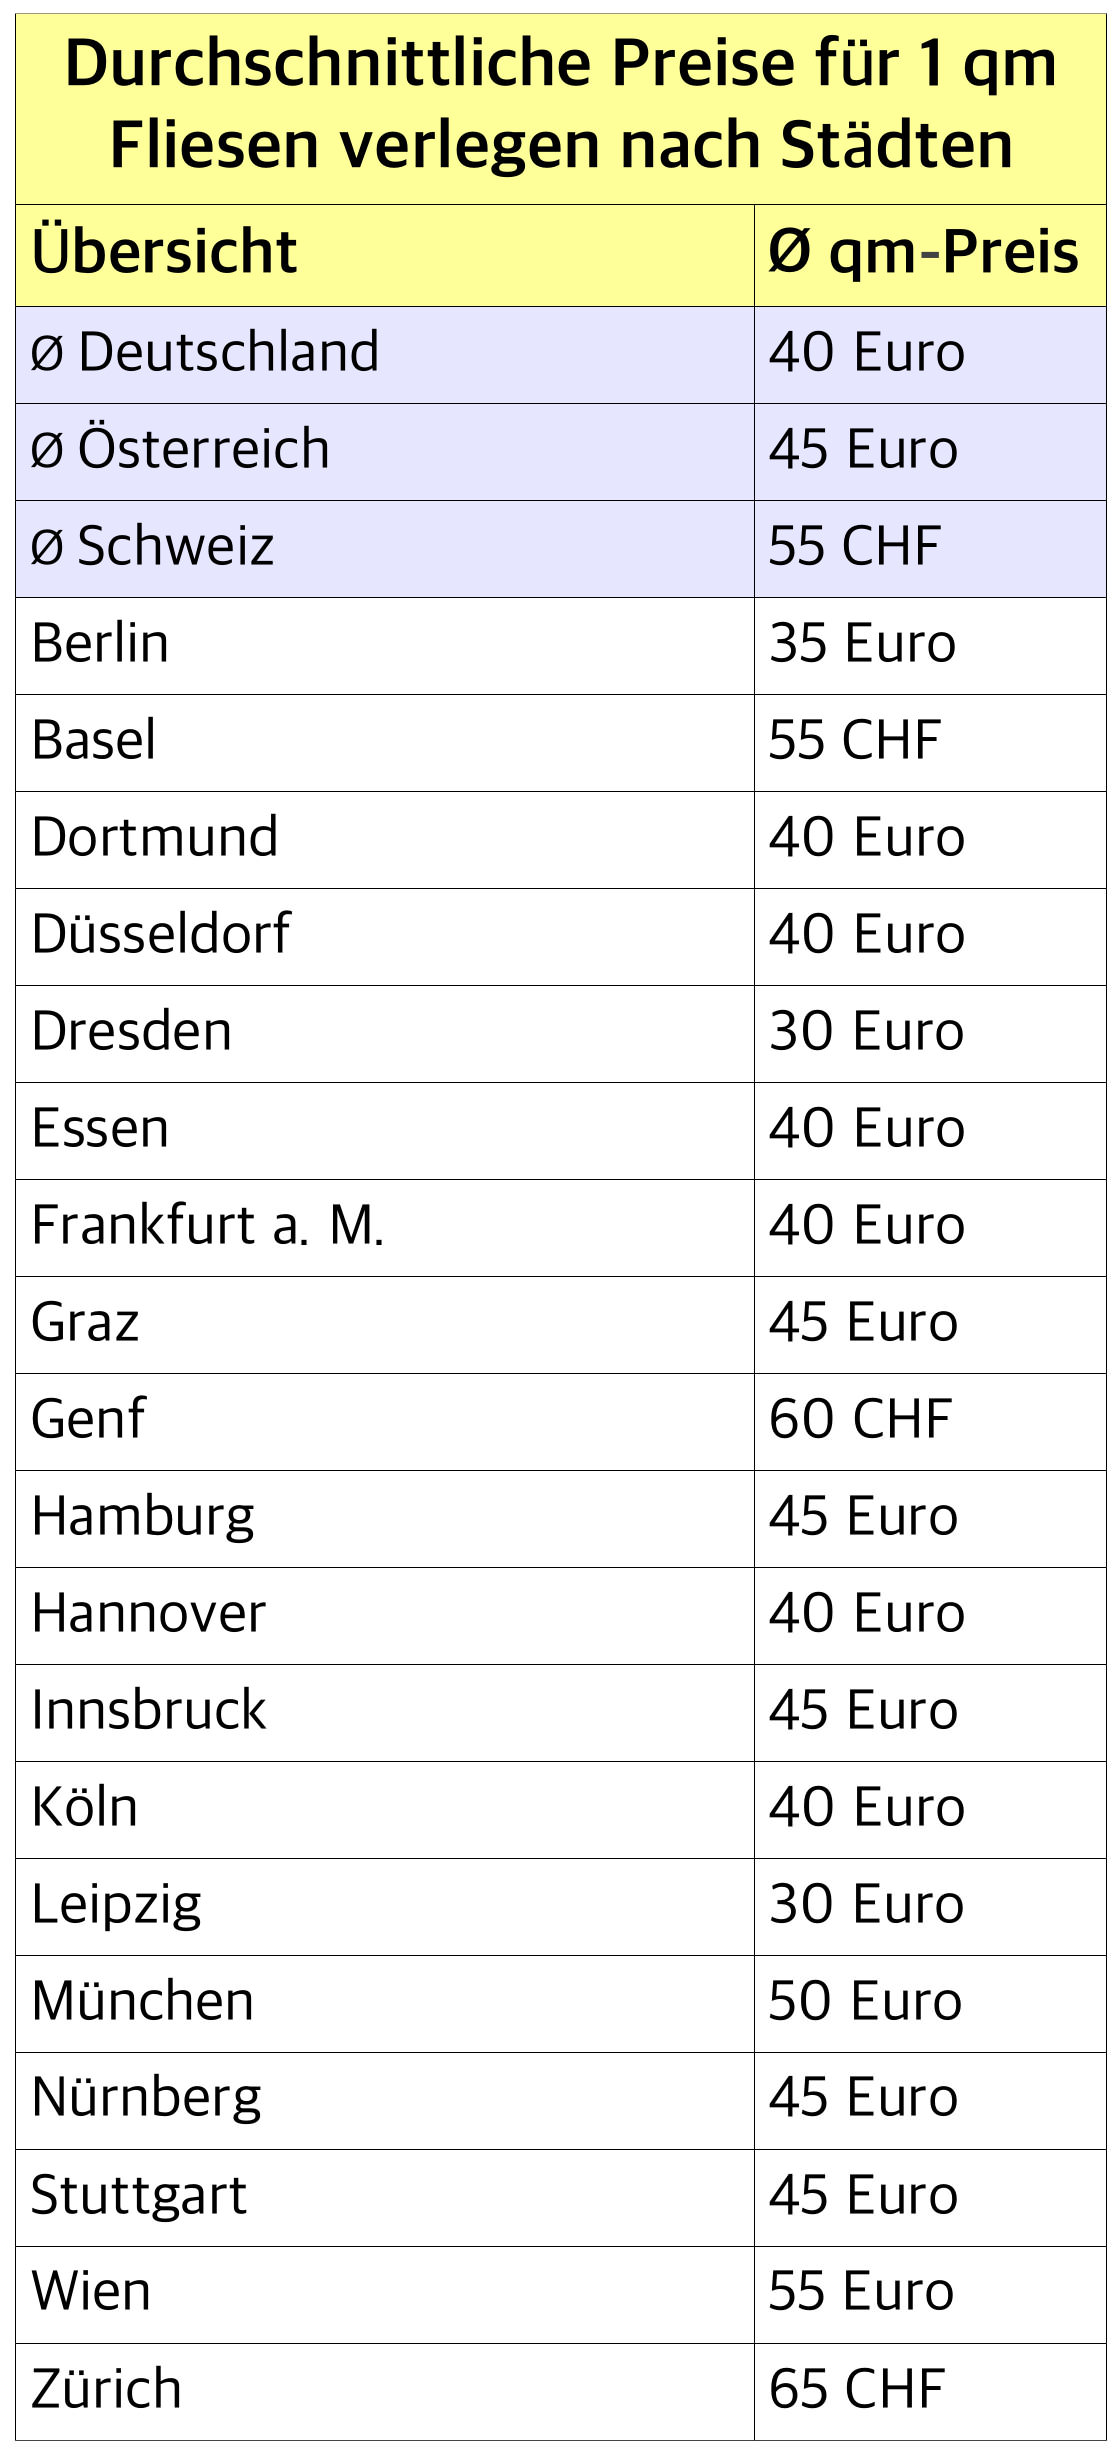 Turbo Fliesenleger Kosten - Preisübersicht 2019 | handwerkerkosten.net HV11